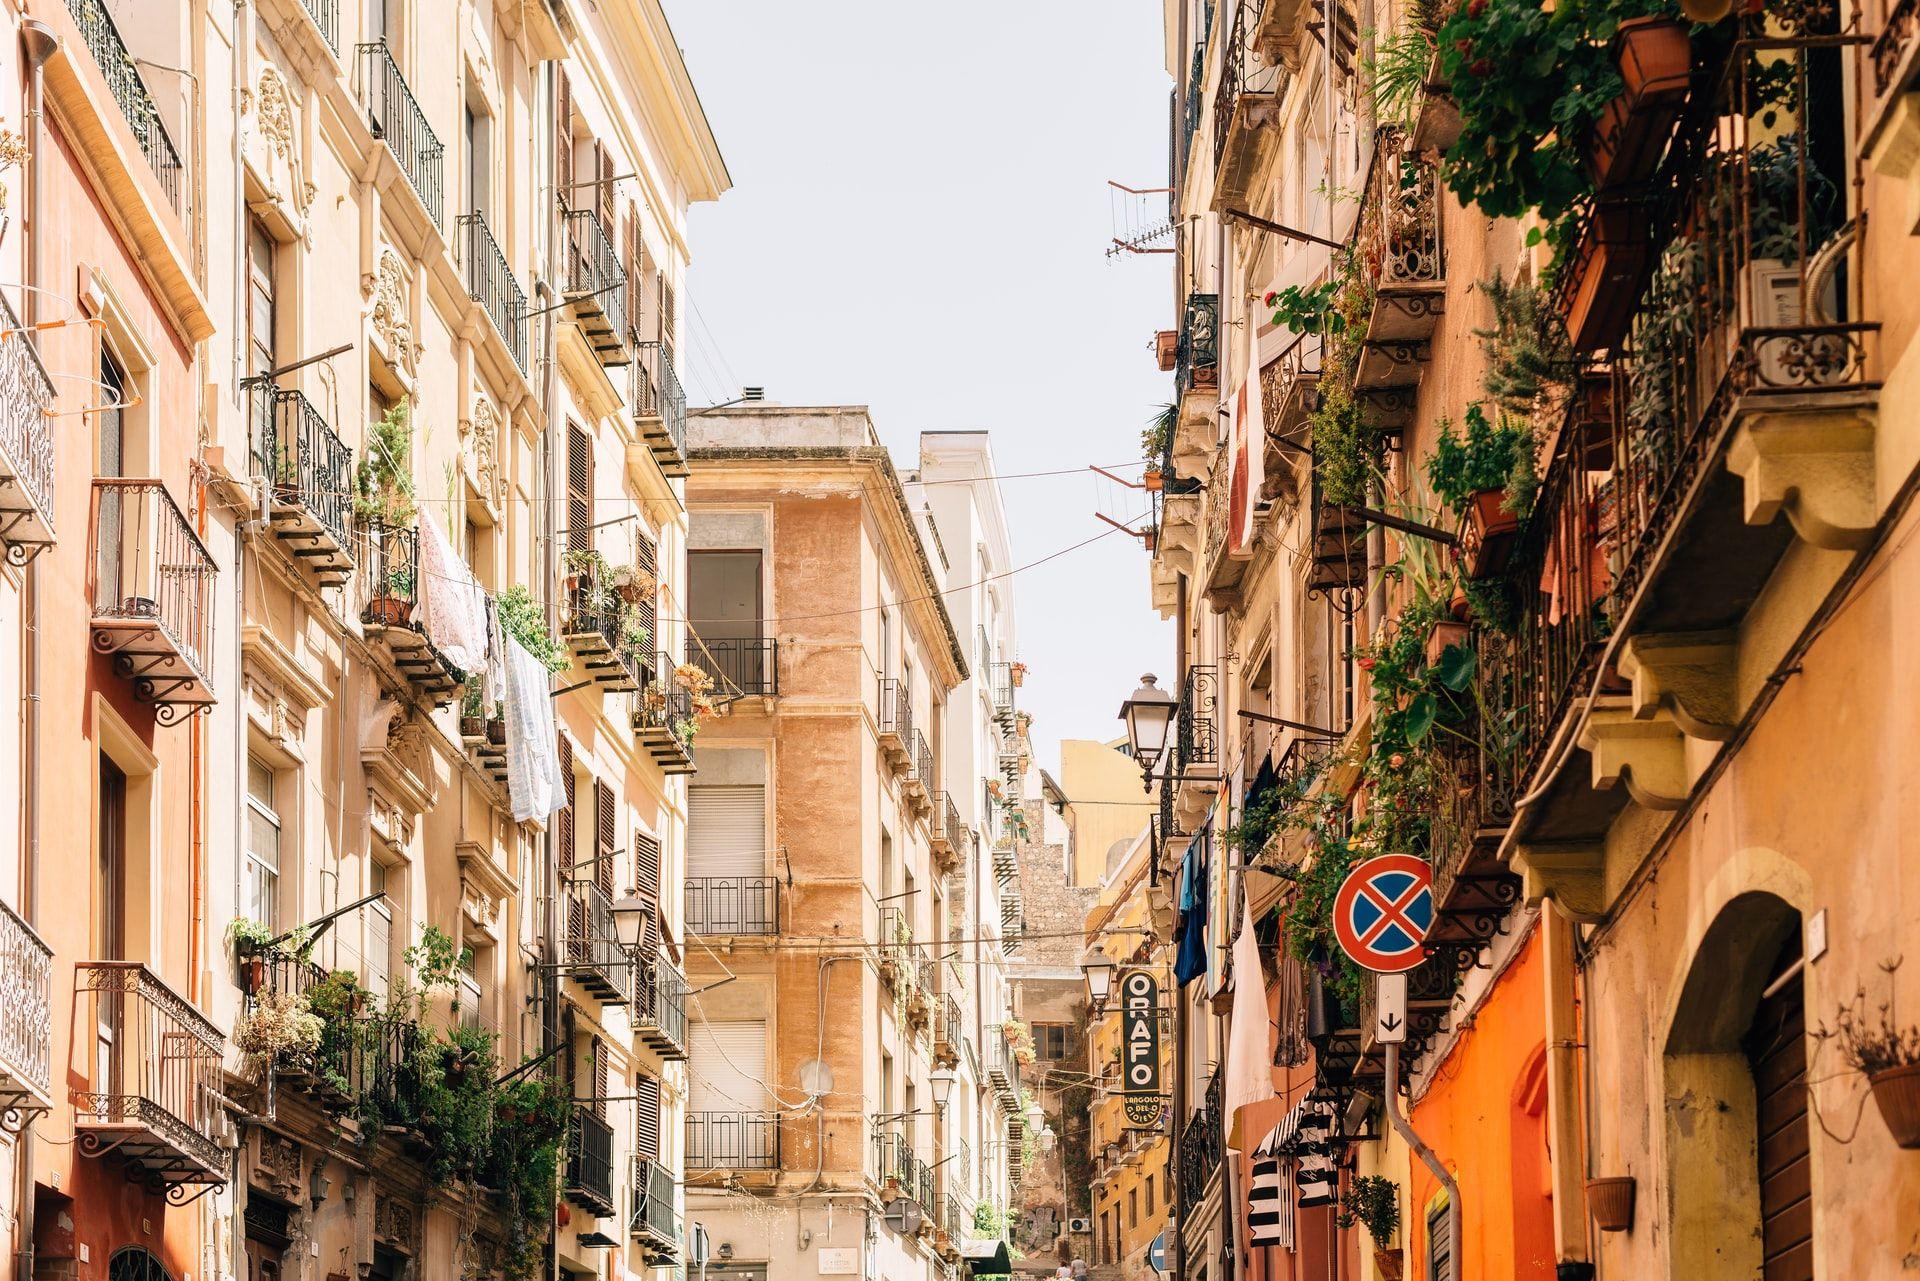 Lugares de interés en Cagliari, Cerdeña Italia